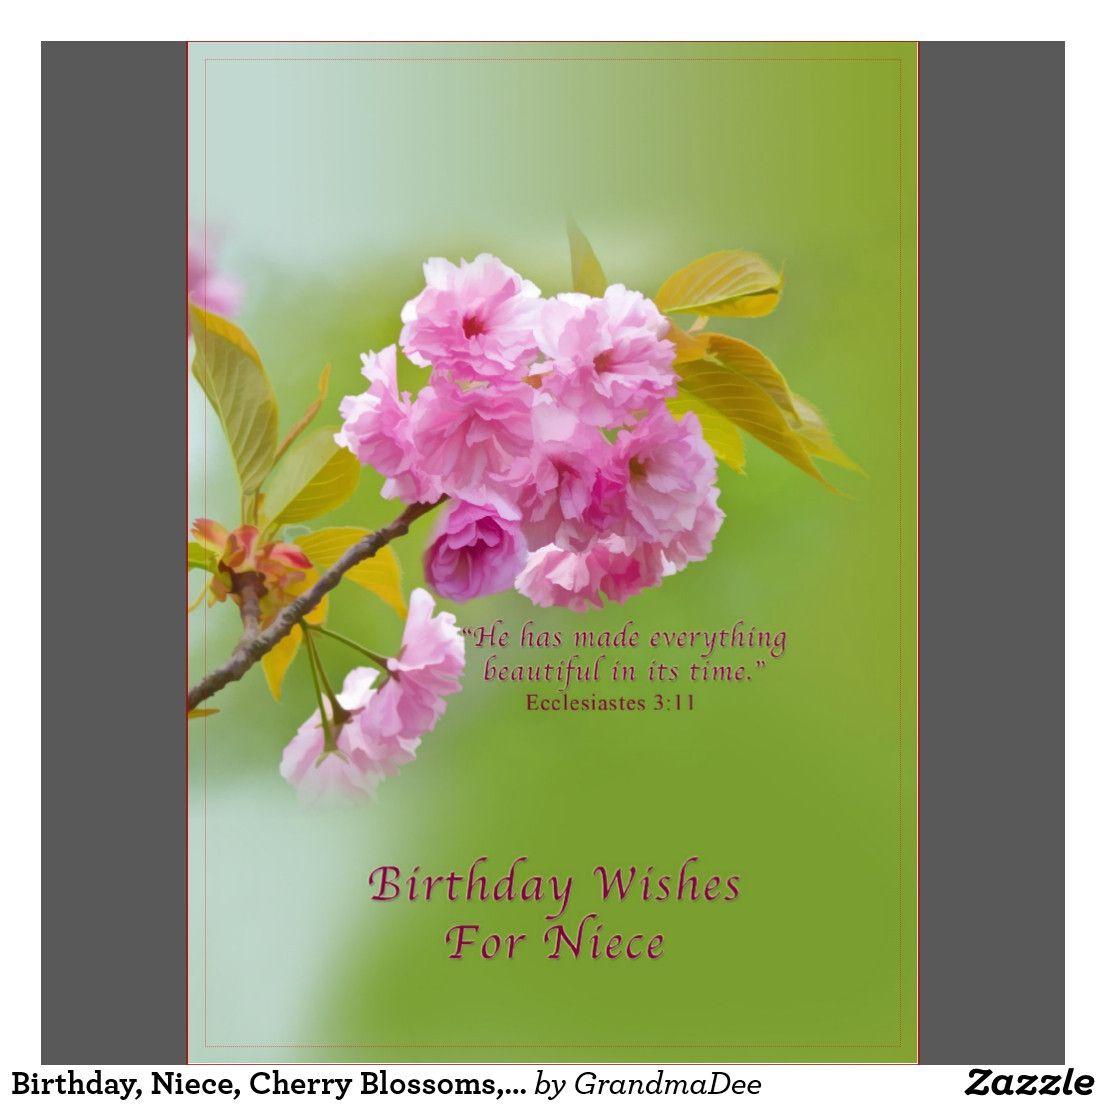 Geburtstagswunsche Sms Nichte Lovely Zum Geburtstag Nichte 20